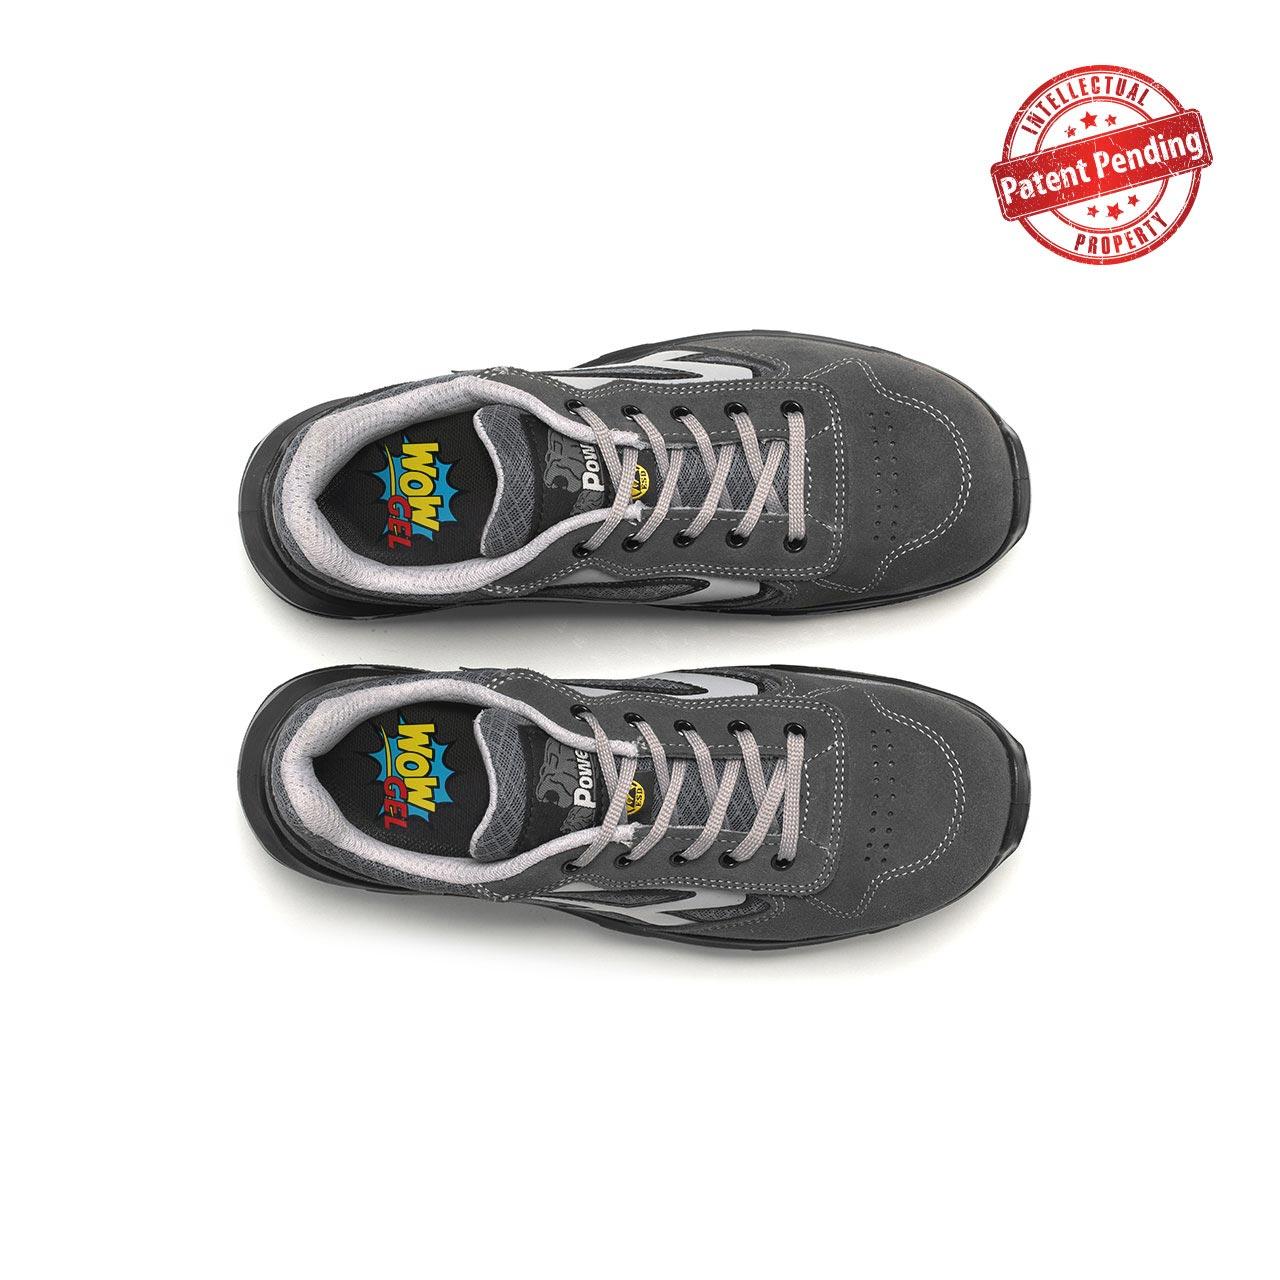 paio di scarpe antinfortunistiche upower modello push carpet linea redcarpet vista top